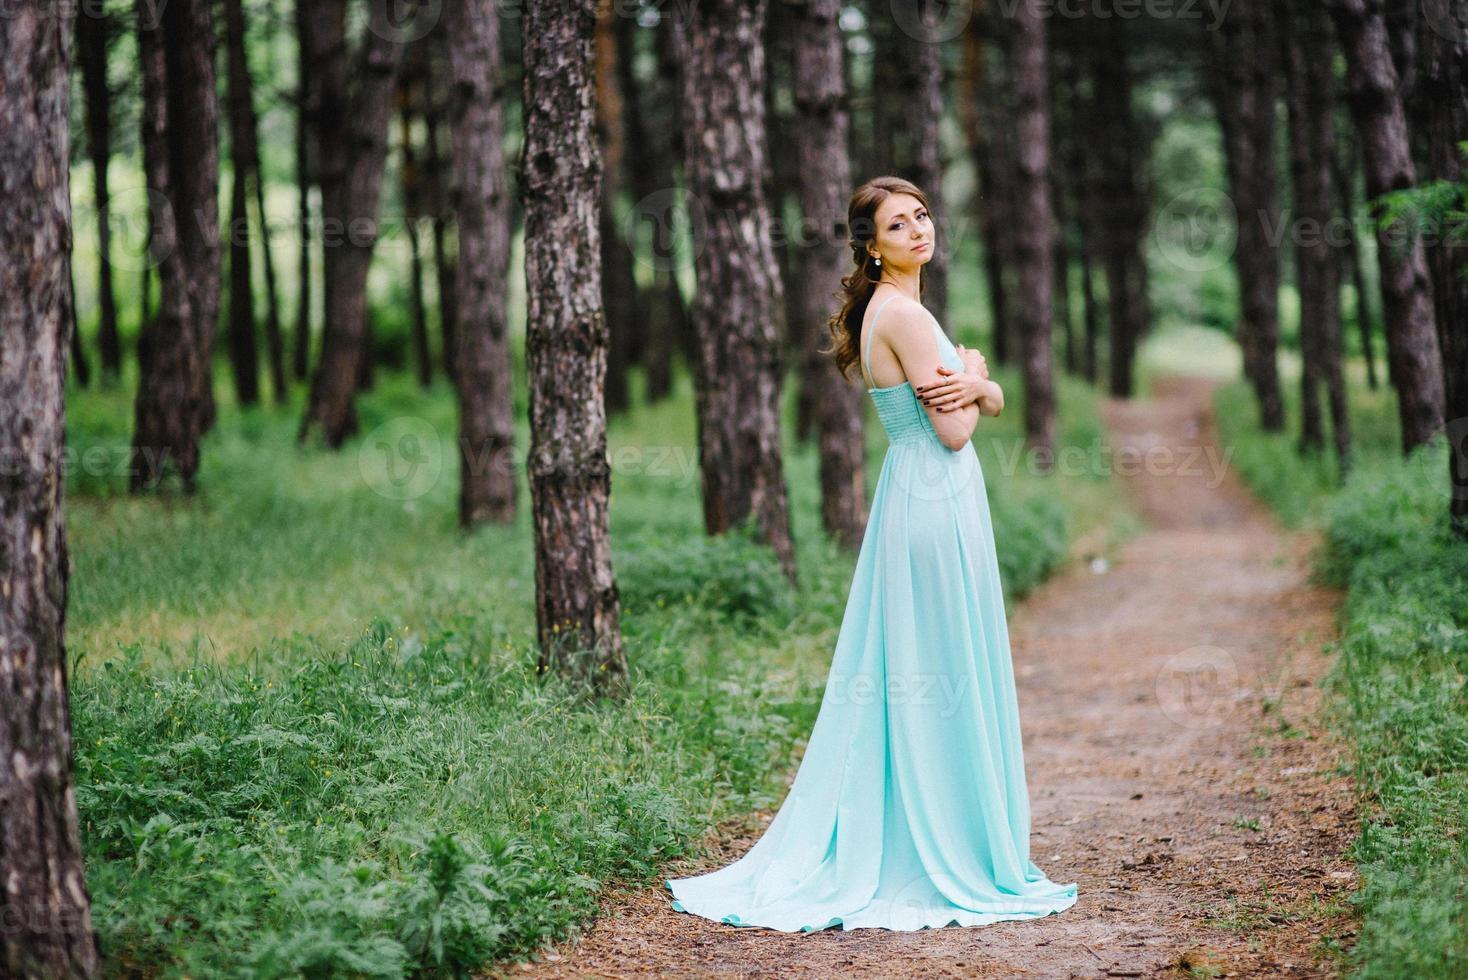 niña feliz en un vestido largo turquesa en un parque verde foto